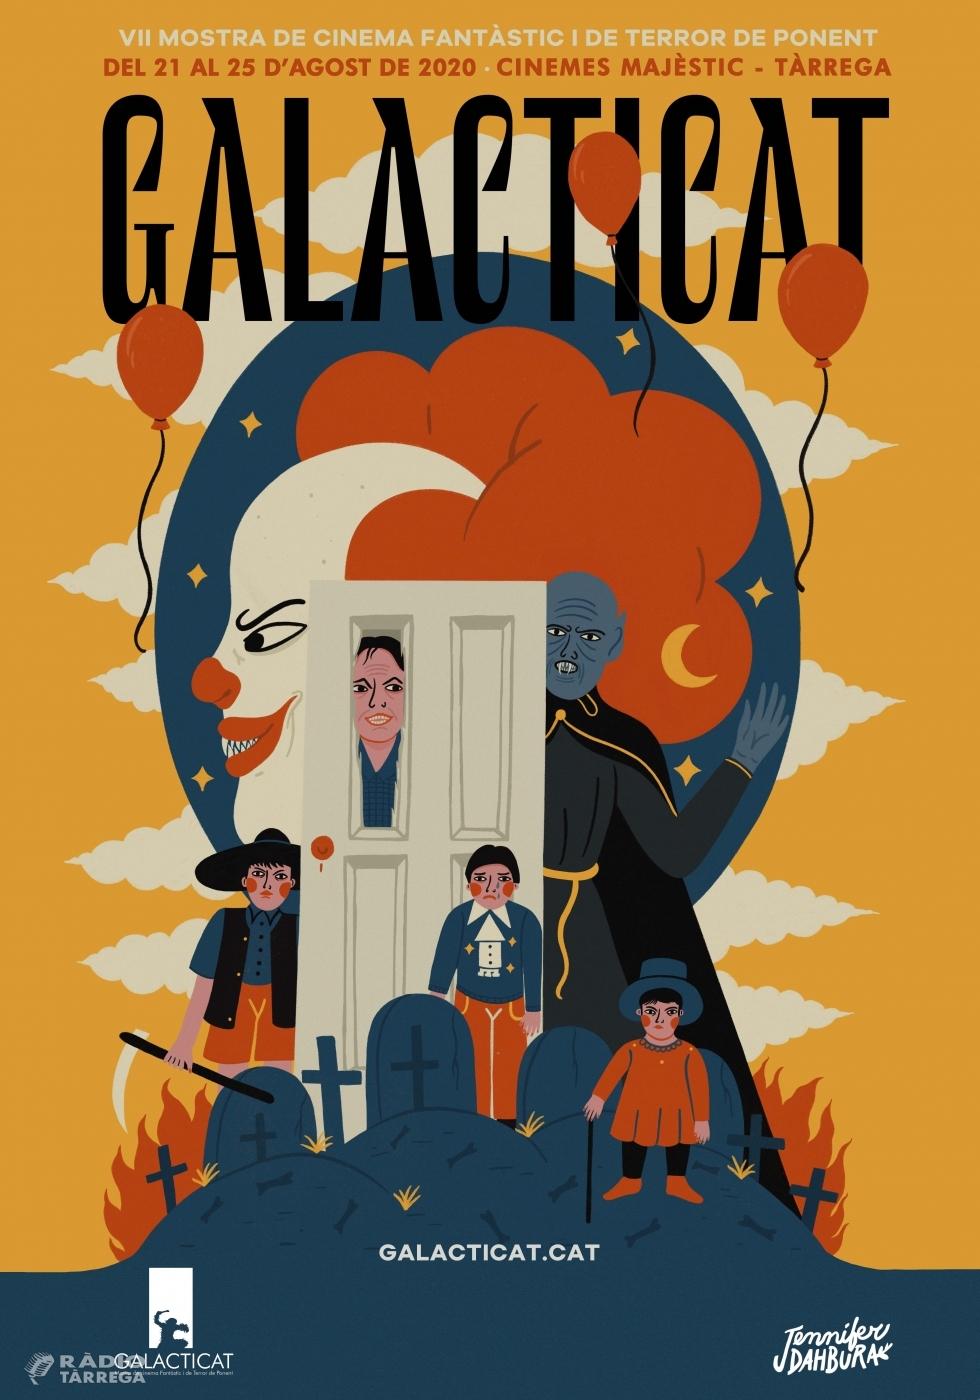 El 'Galacticat', la Mostra de Cinema Fantàstic i de Terror de Ponent, tindrà lloc del 21 al 25 d'agost a Tàrrega amb més dies i més cinema al carrer